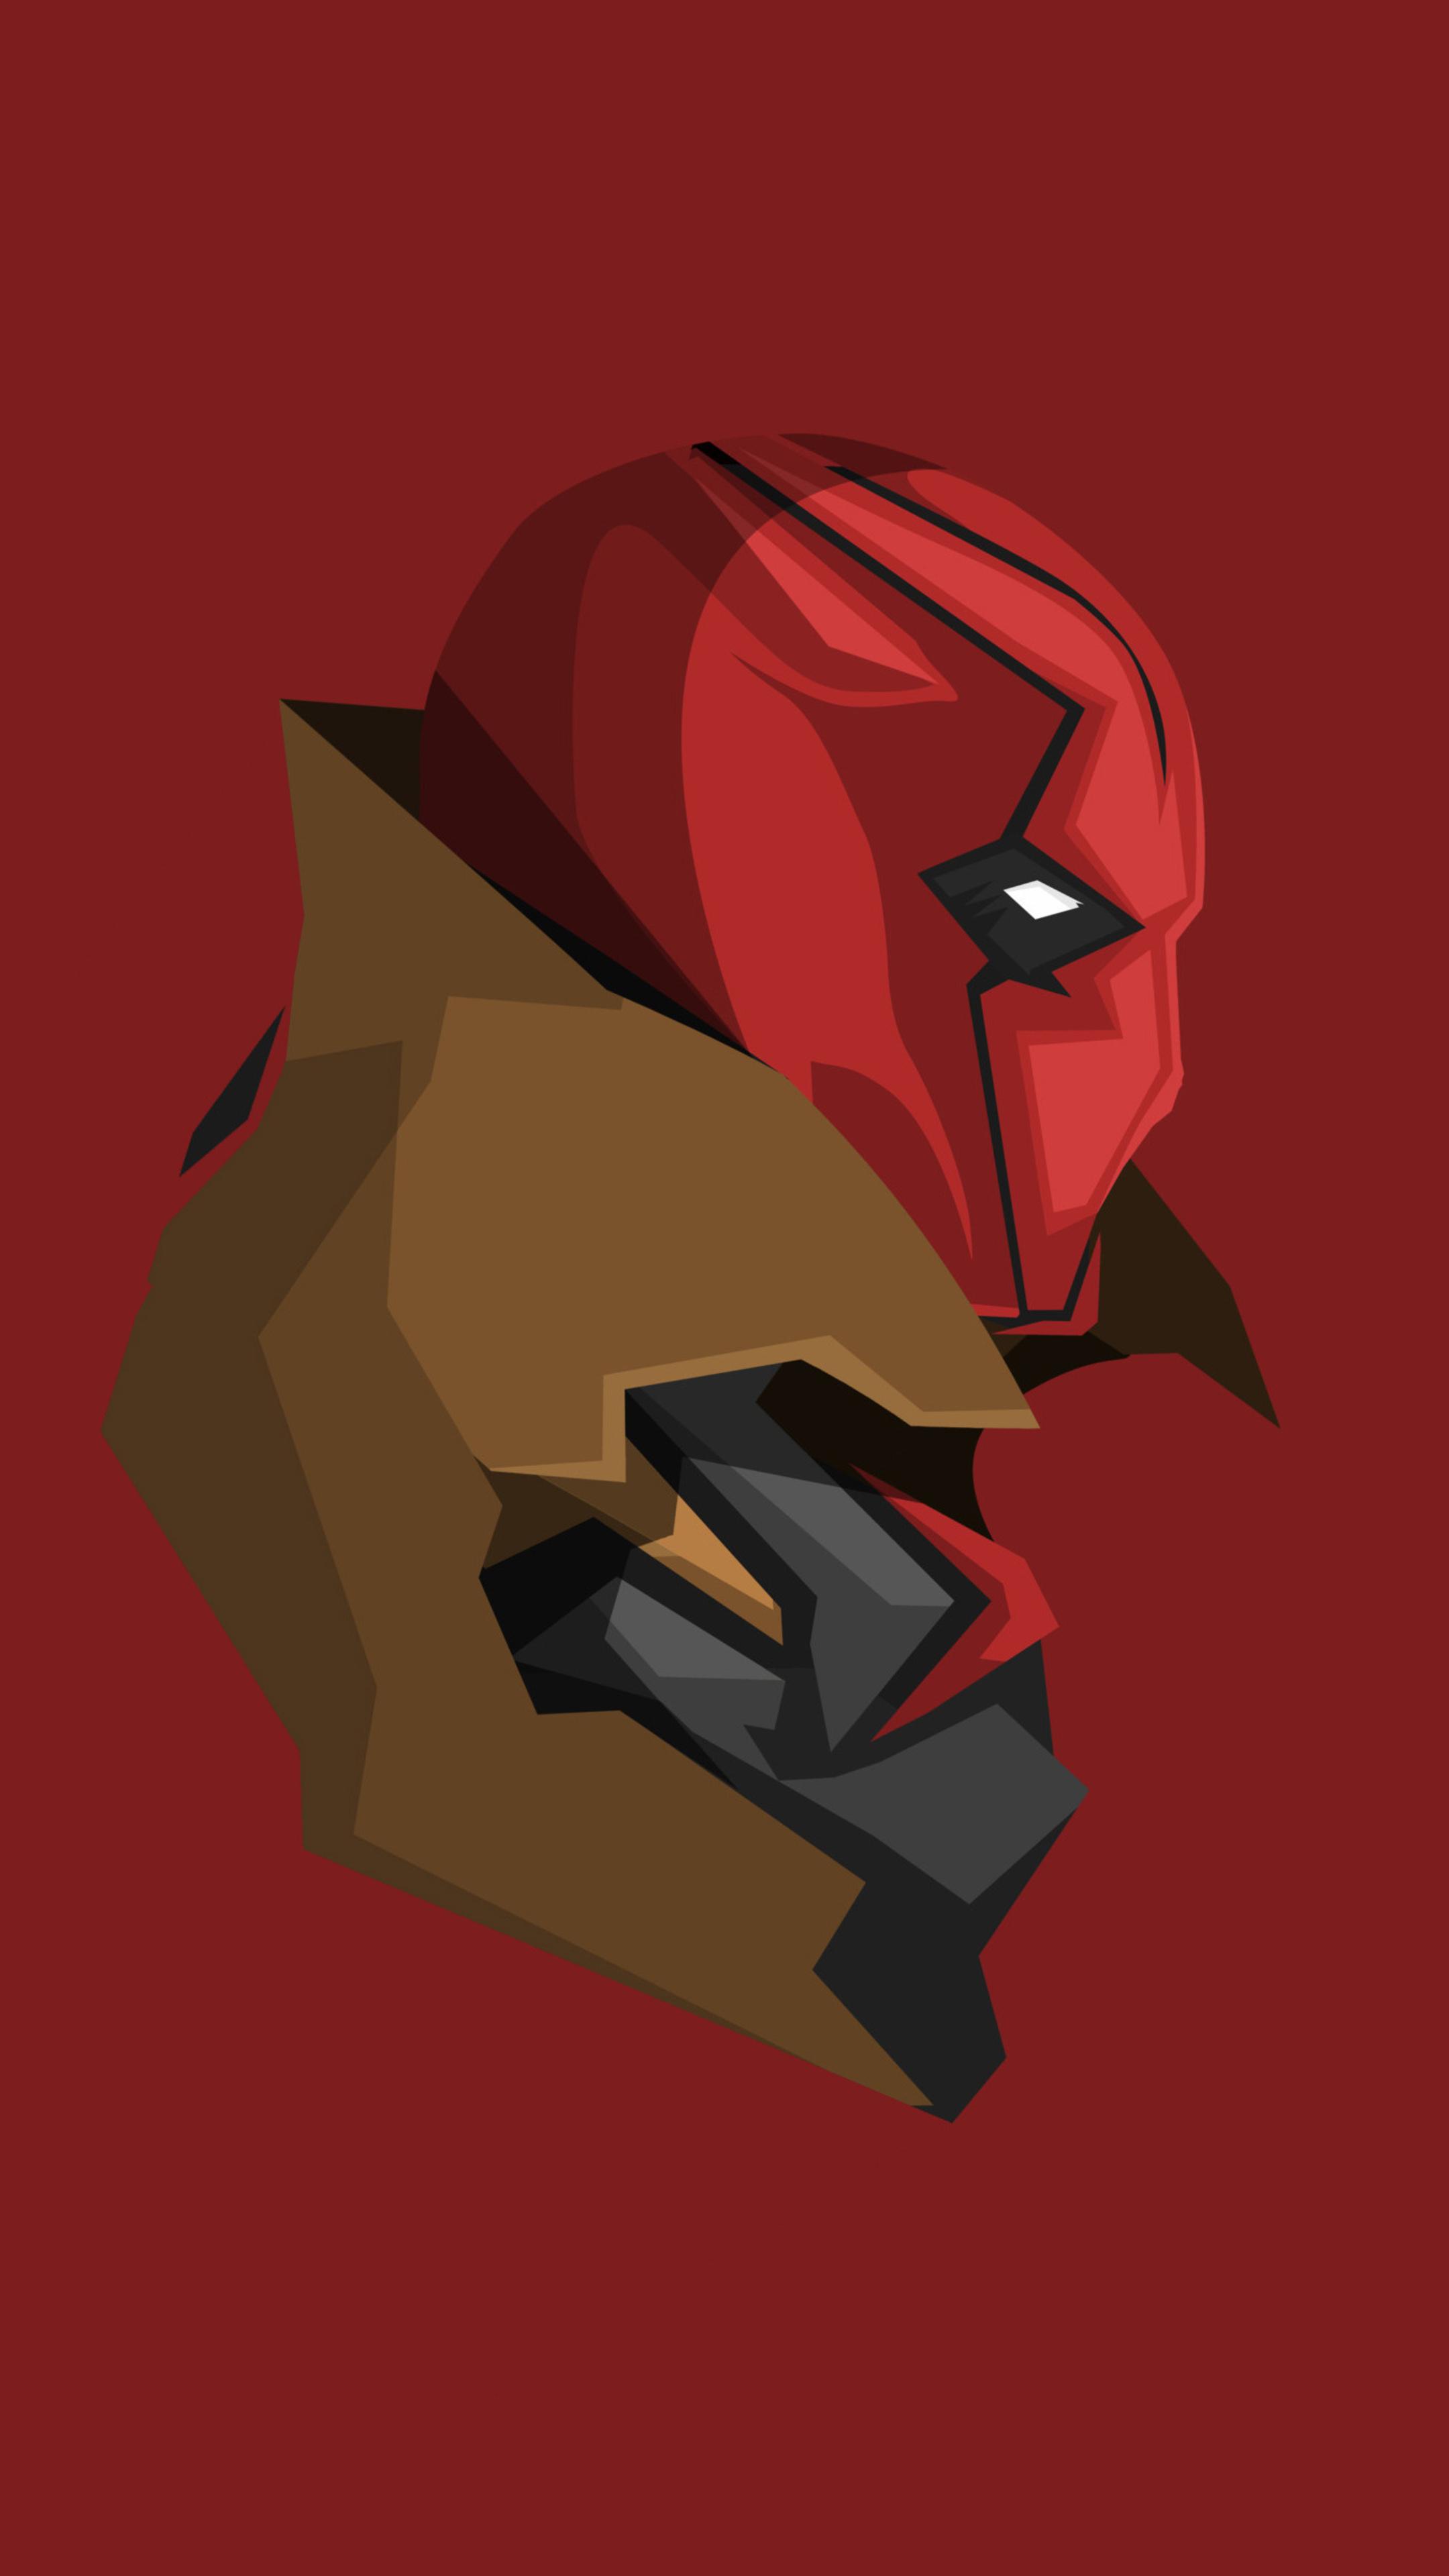 red-hood-minimalism-4k-ey.jpg